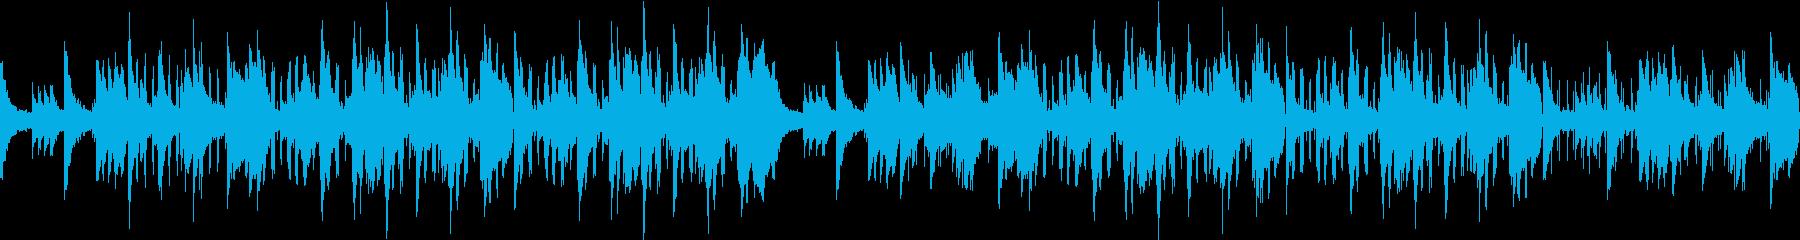 少し悲しげな爽やかピアノサウンドの再生済みの波形